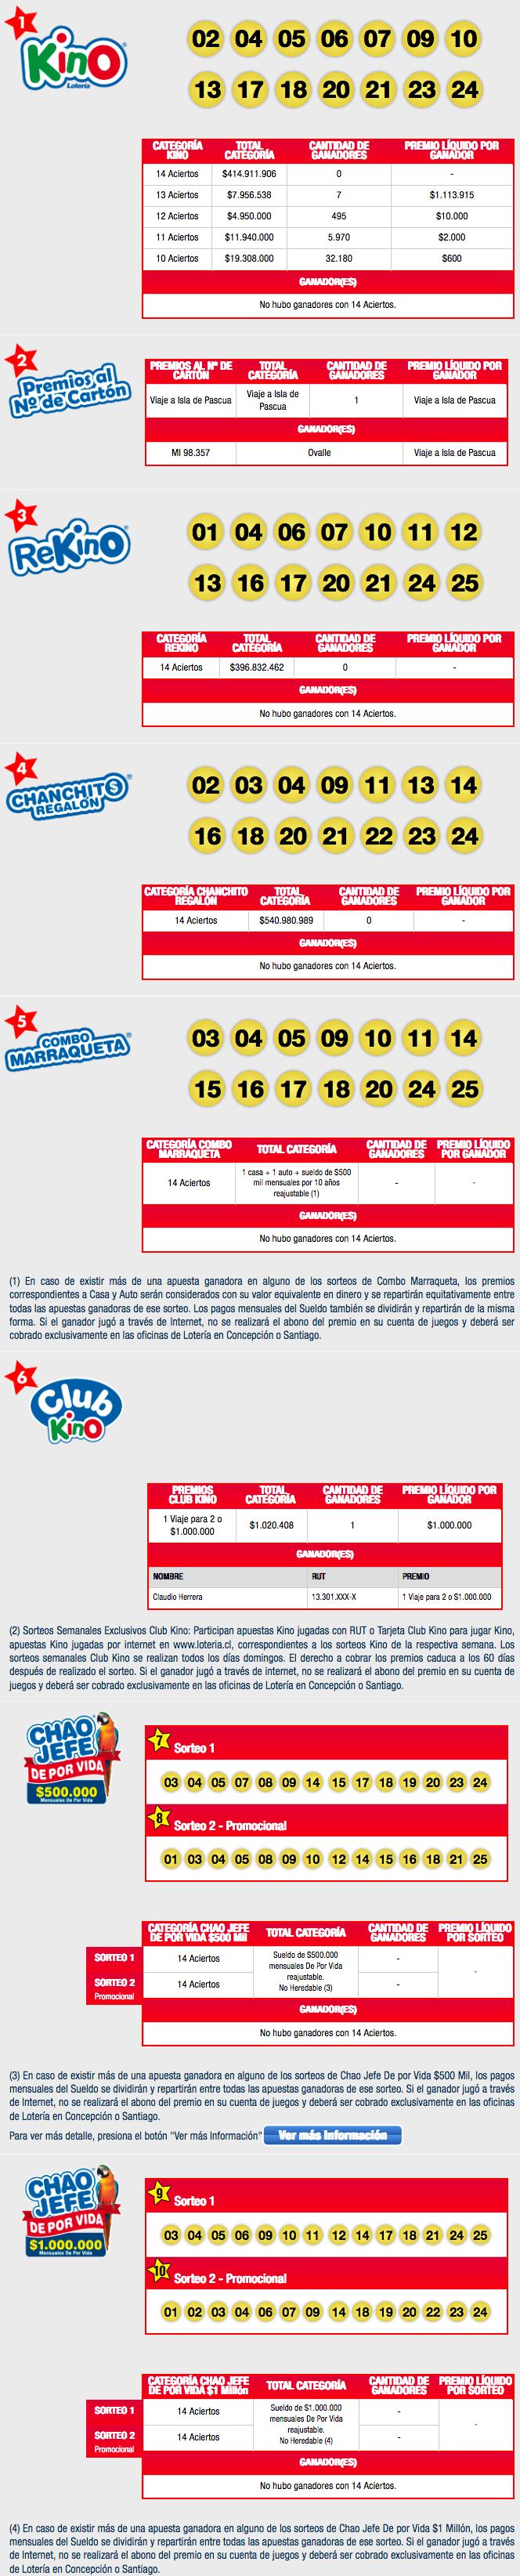 Resultados Kino Chile Sorteo 2111